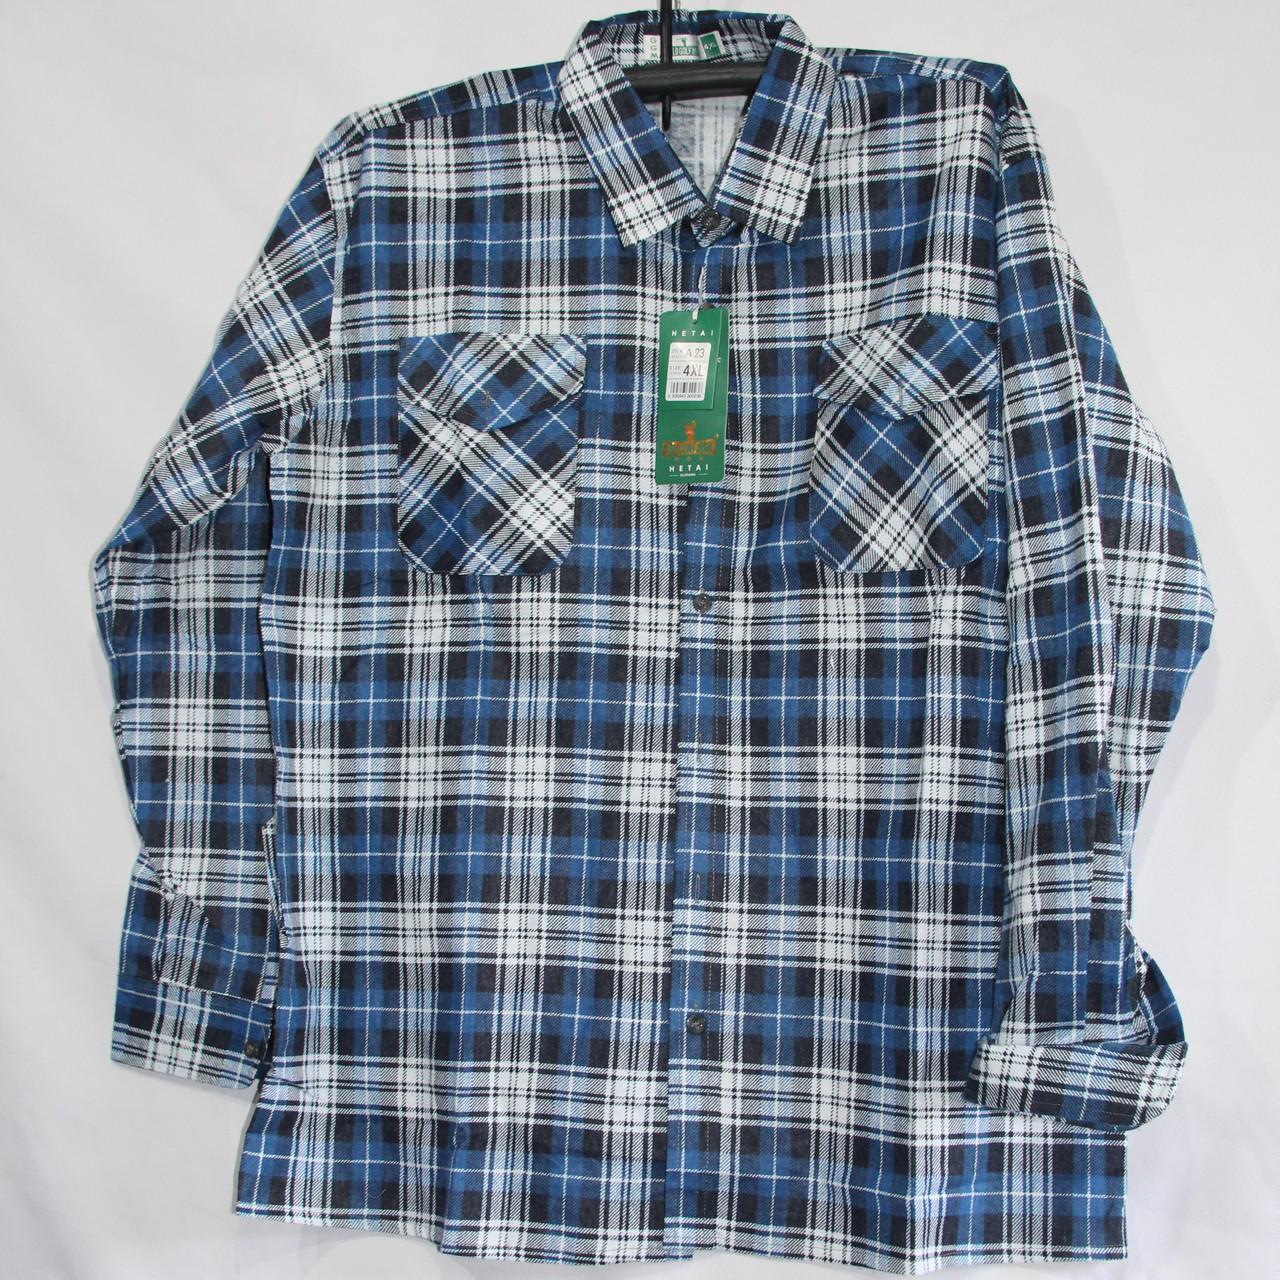 Мужская байка рубашка (длинный рукав) оптом со склада в Одессе